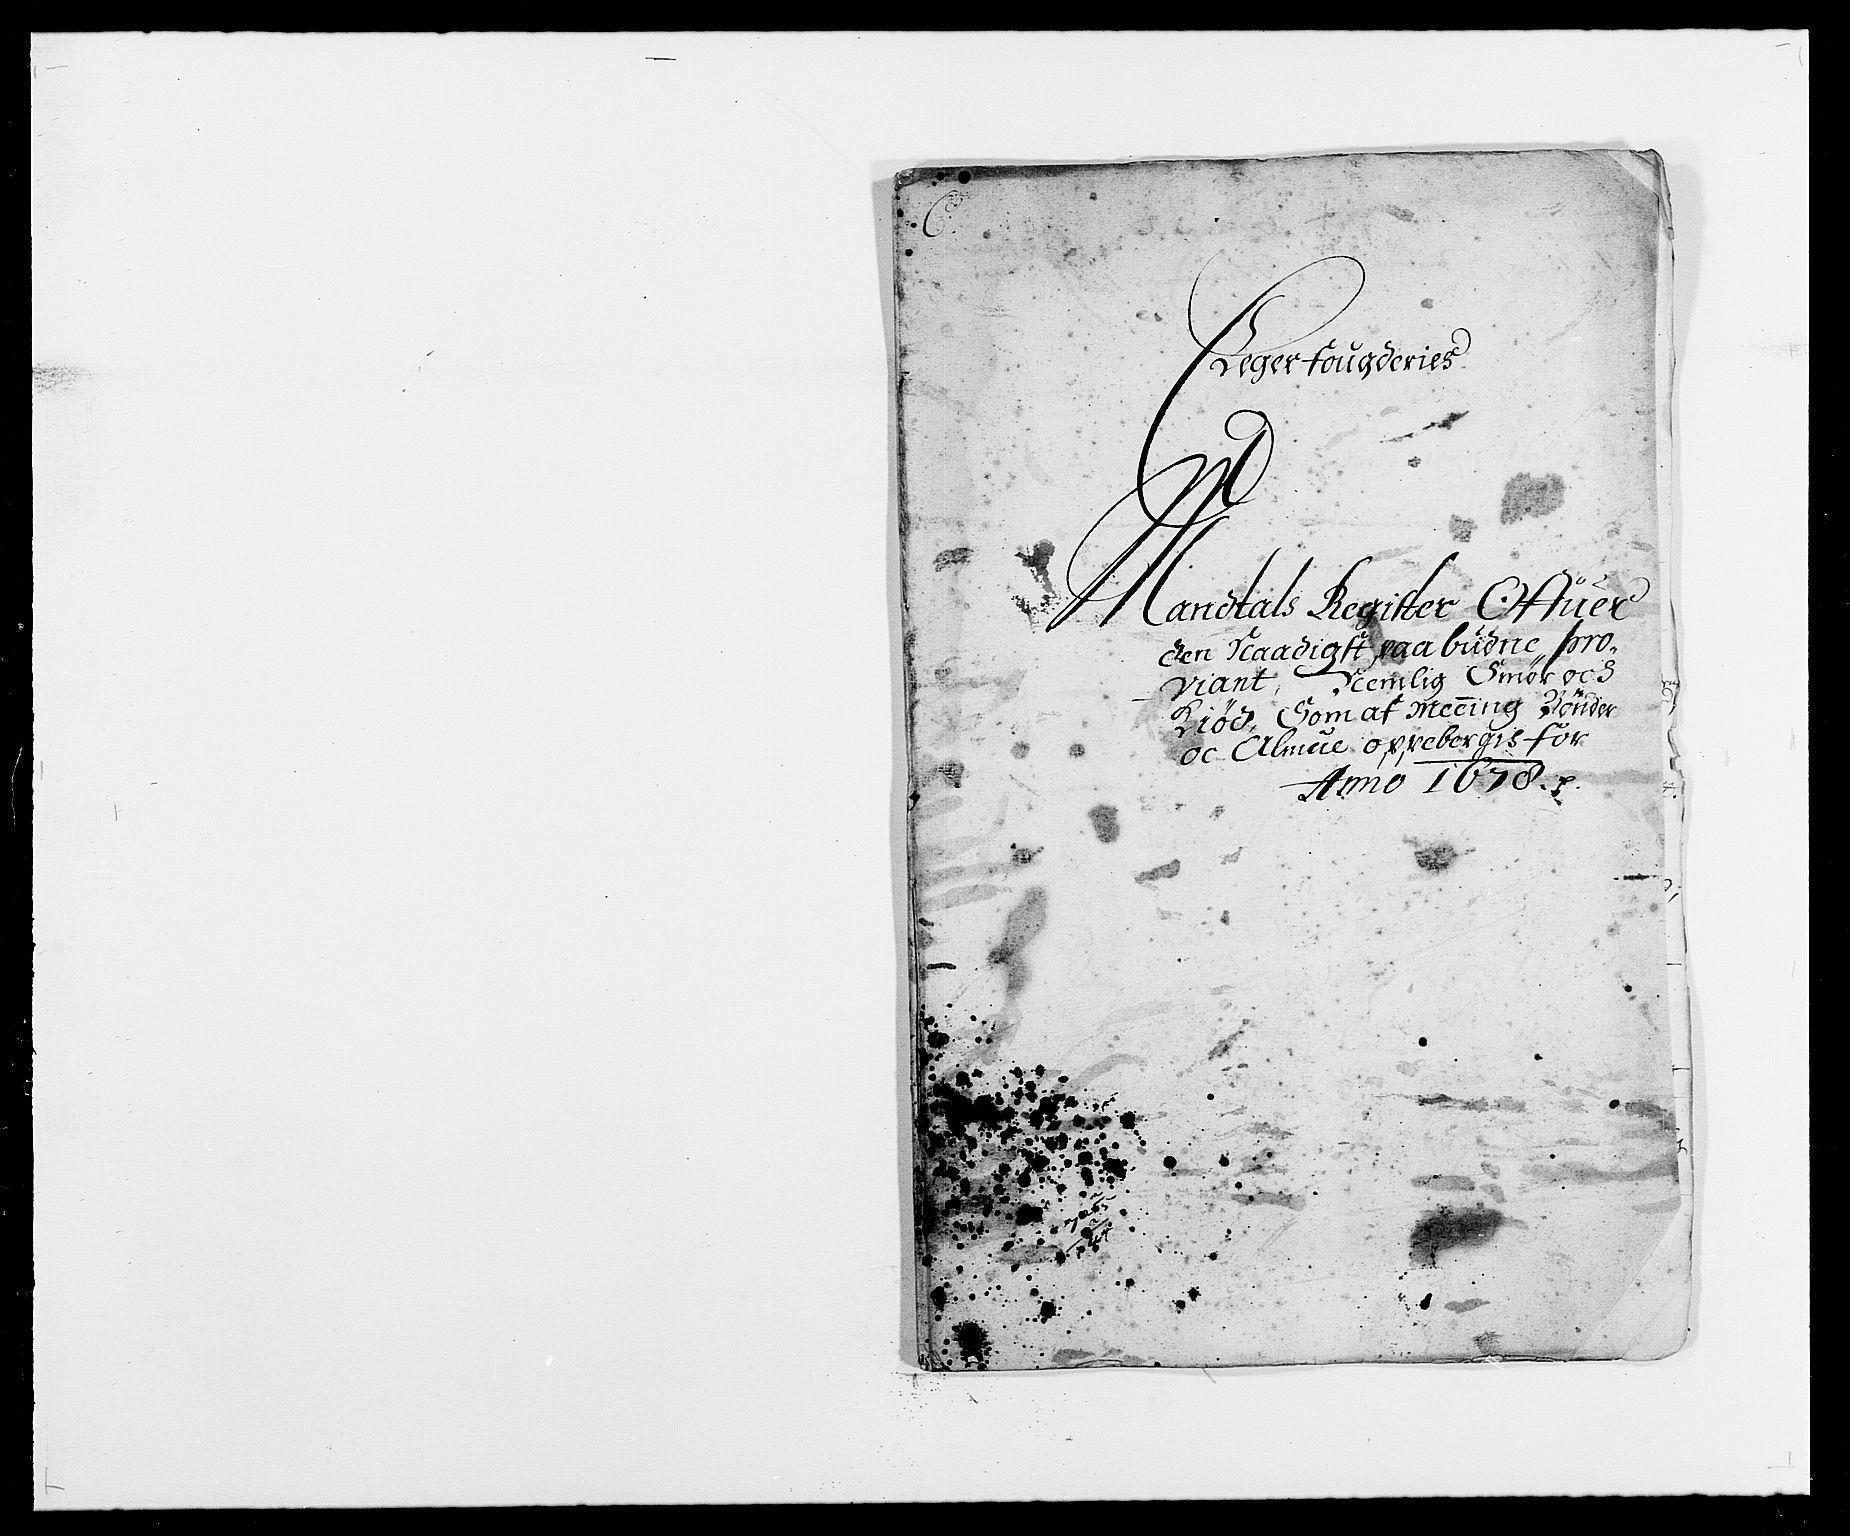 RA, Rentekammeret inntil 1814, Reviderte regnskaper, Fogderegnskap, R26/L1683: Fogderegnskap Eiker, 1678, s. 34